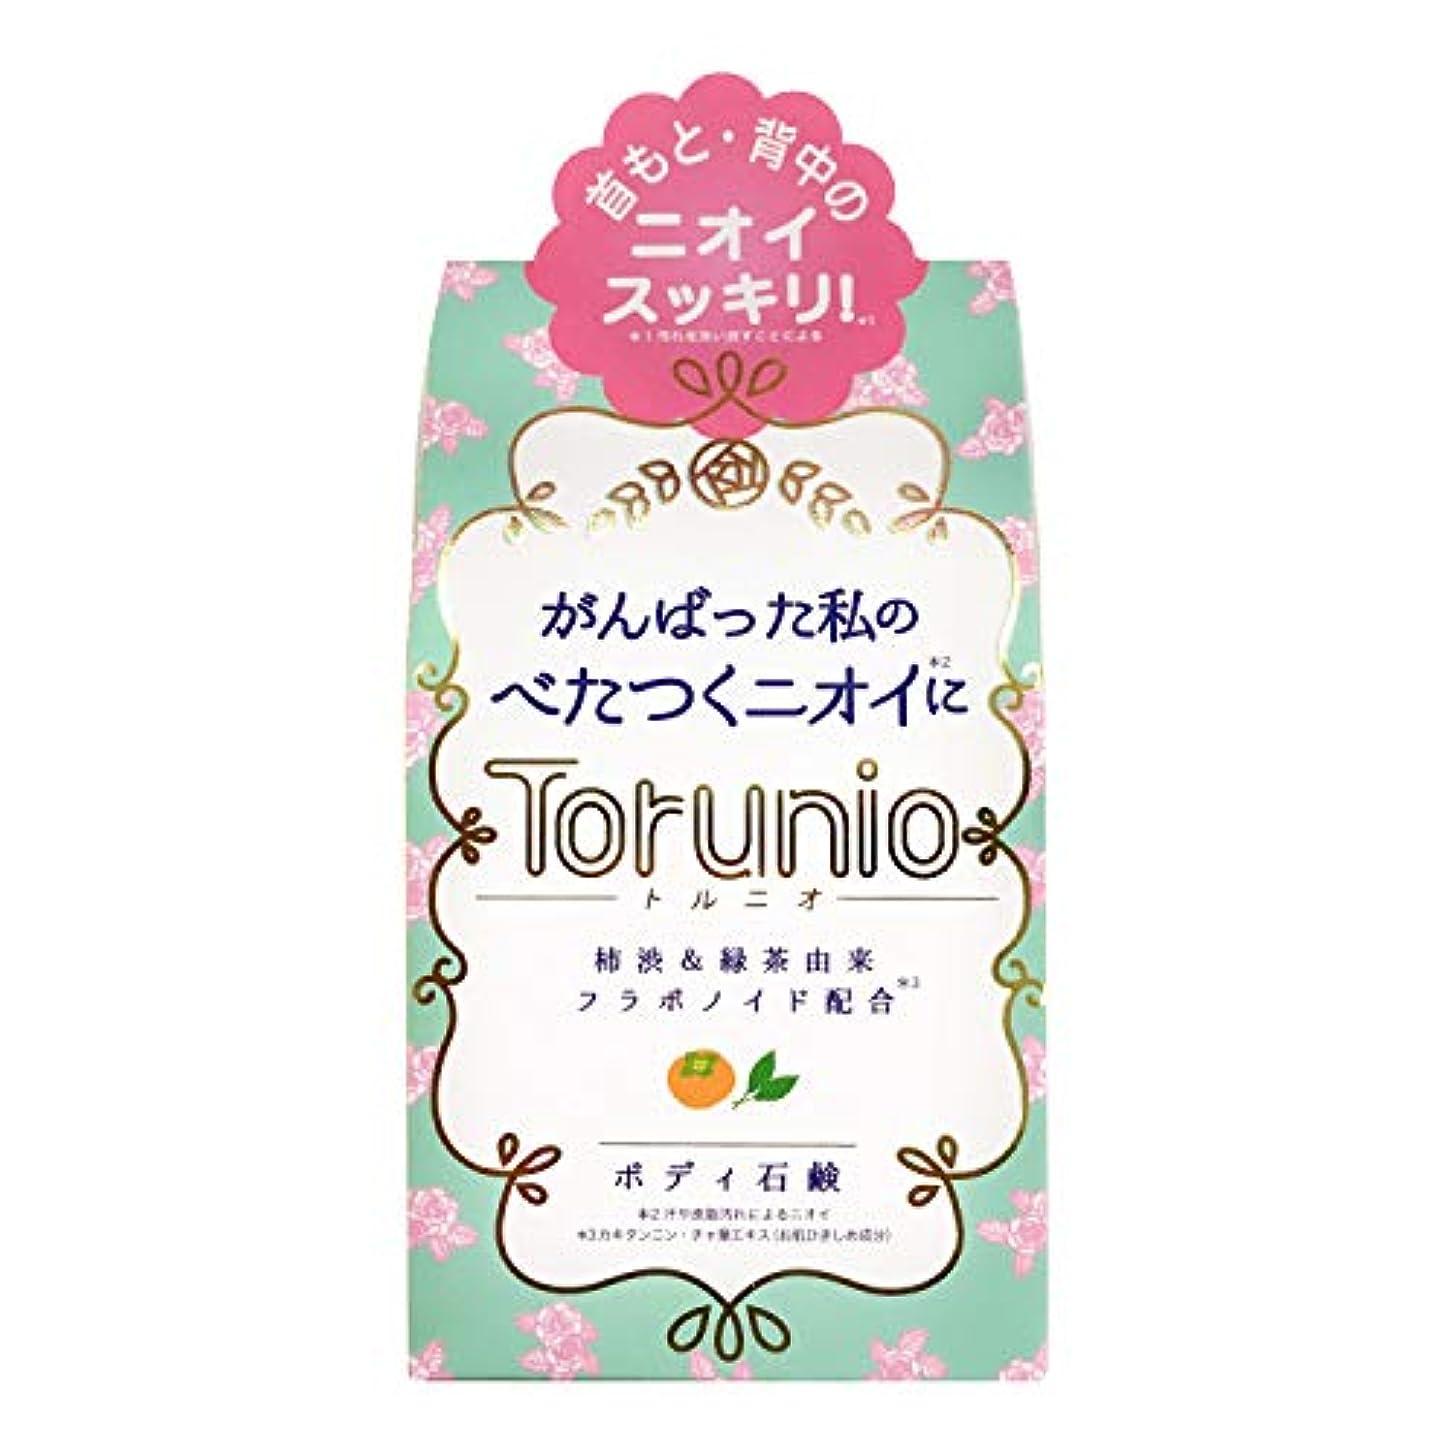 退屈接ぎ木偉業Torunio(トルニオ)石鹸 100g